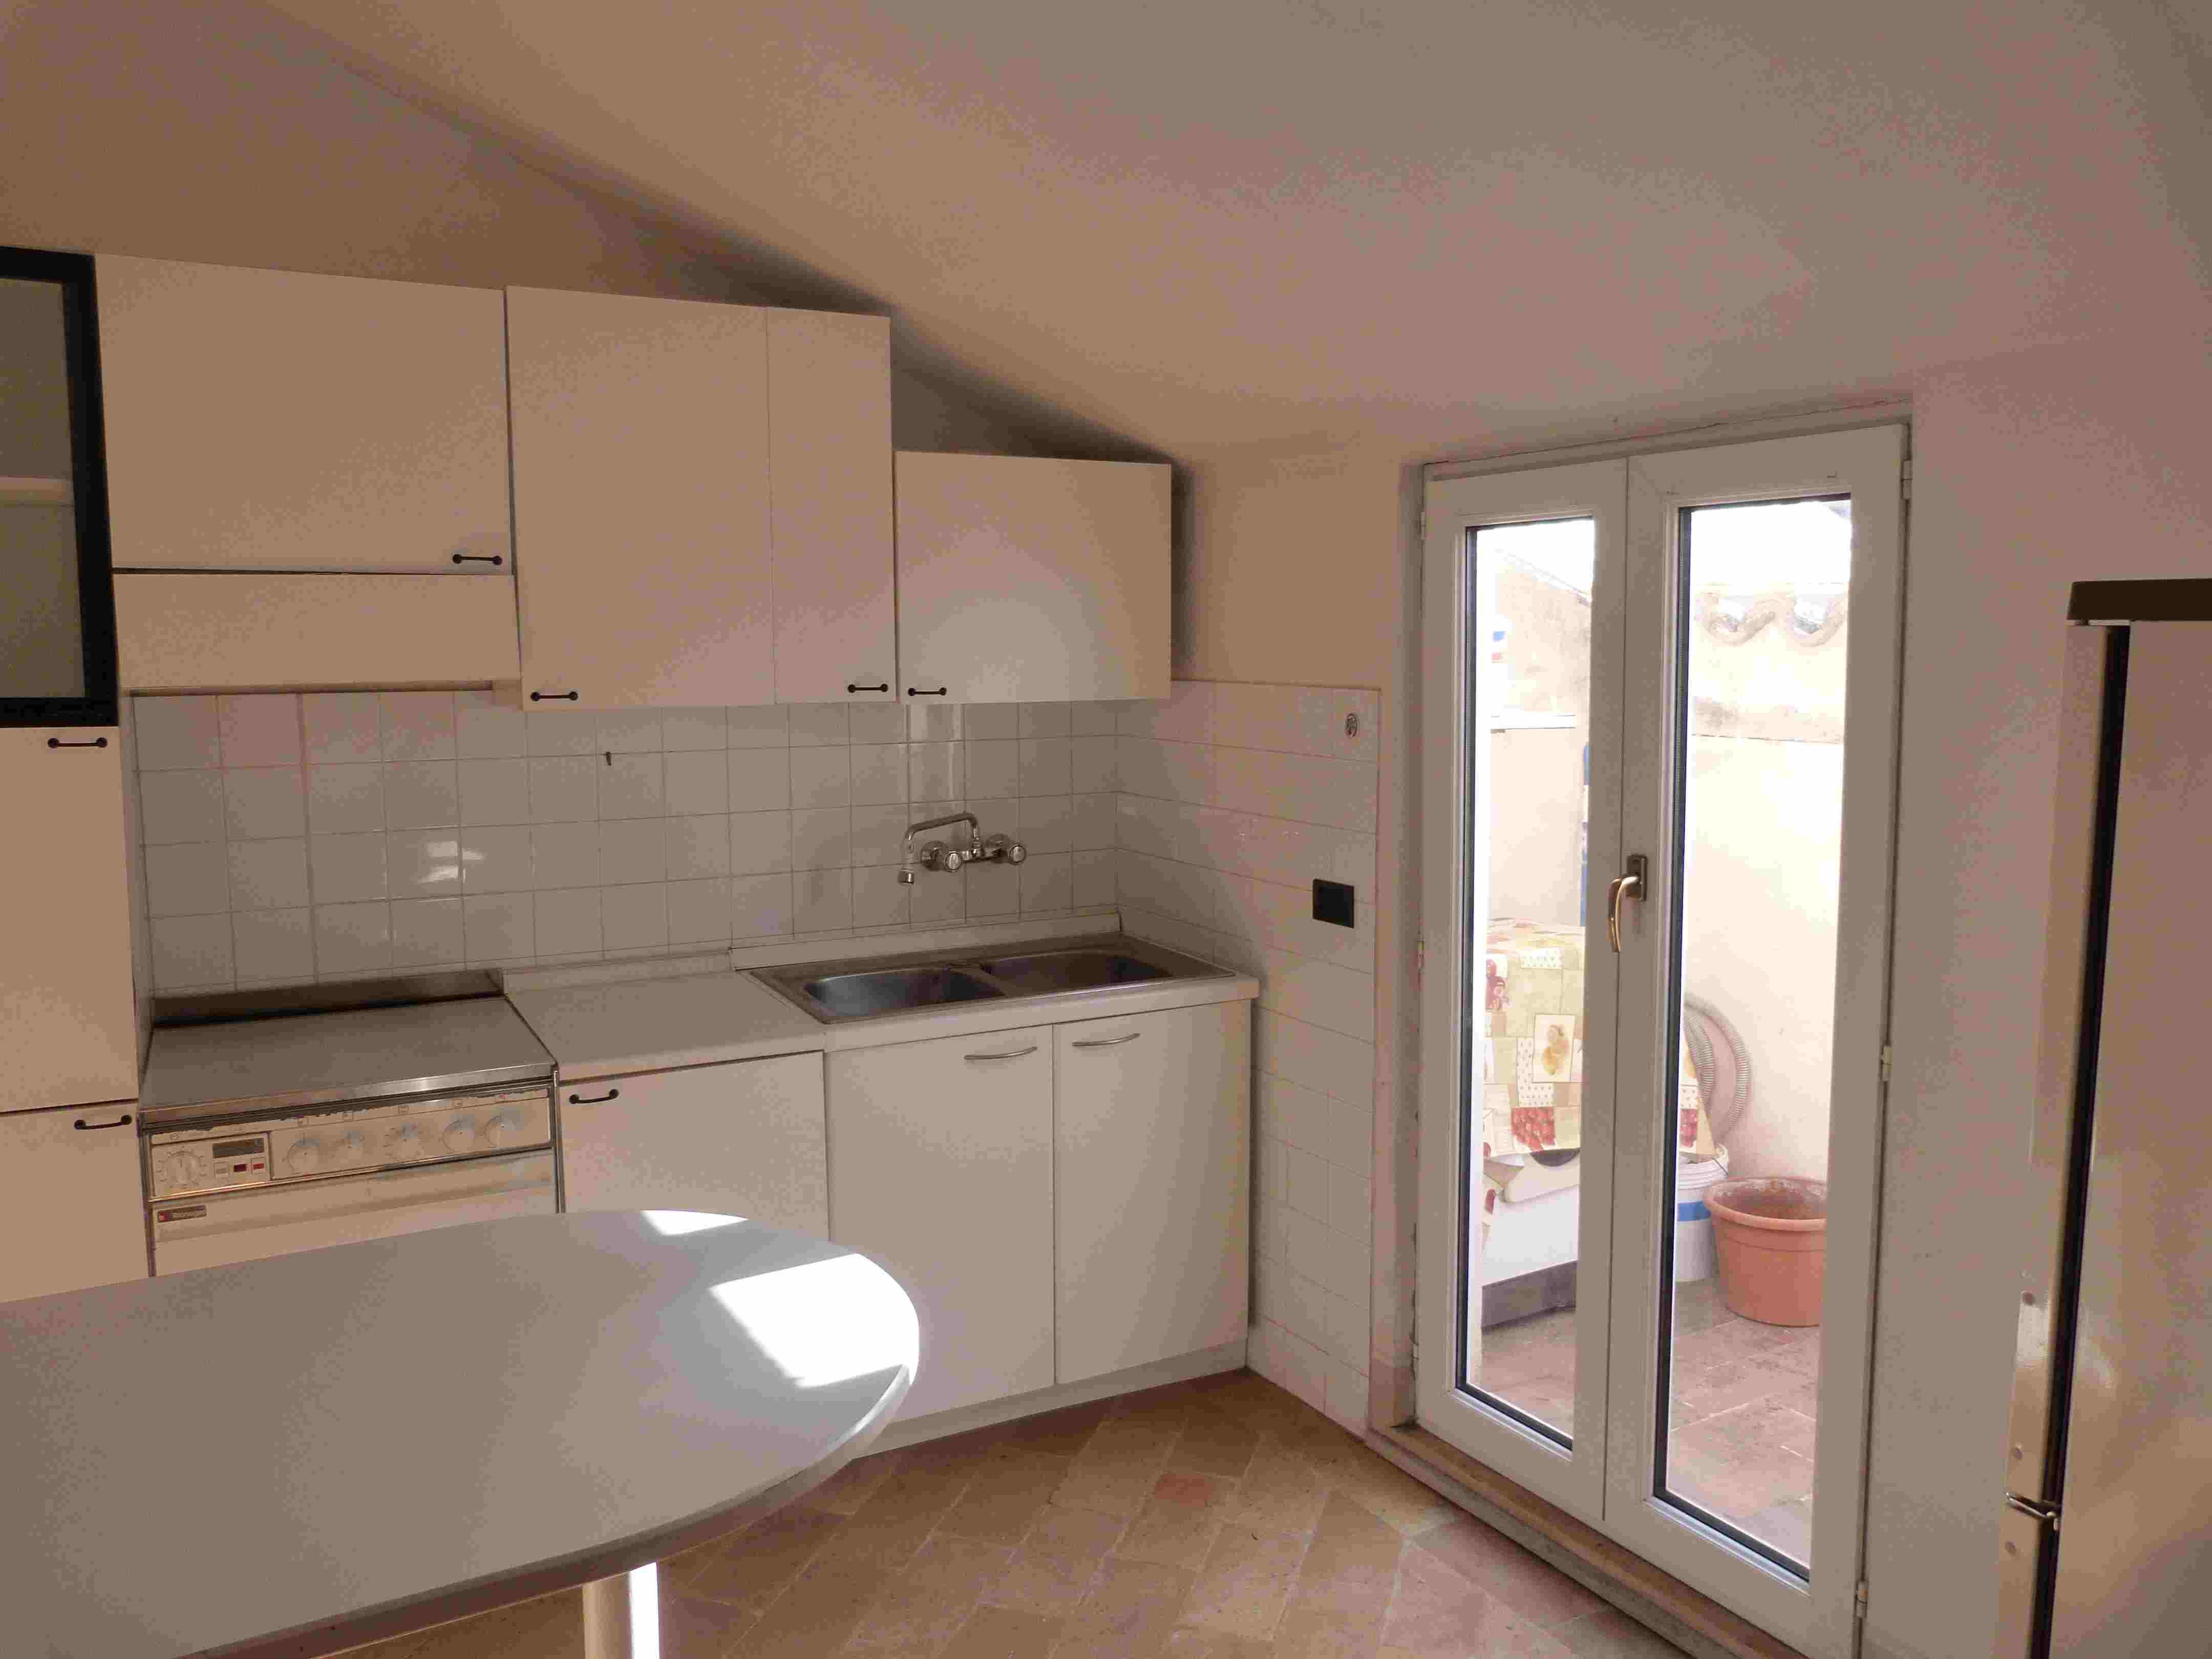 Vacanze In Umbria Trevi Appartamenti Per Vacanze In Affitto 75 #8C613F 4320 3240 Foto Di Cucine In Finta Muratura